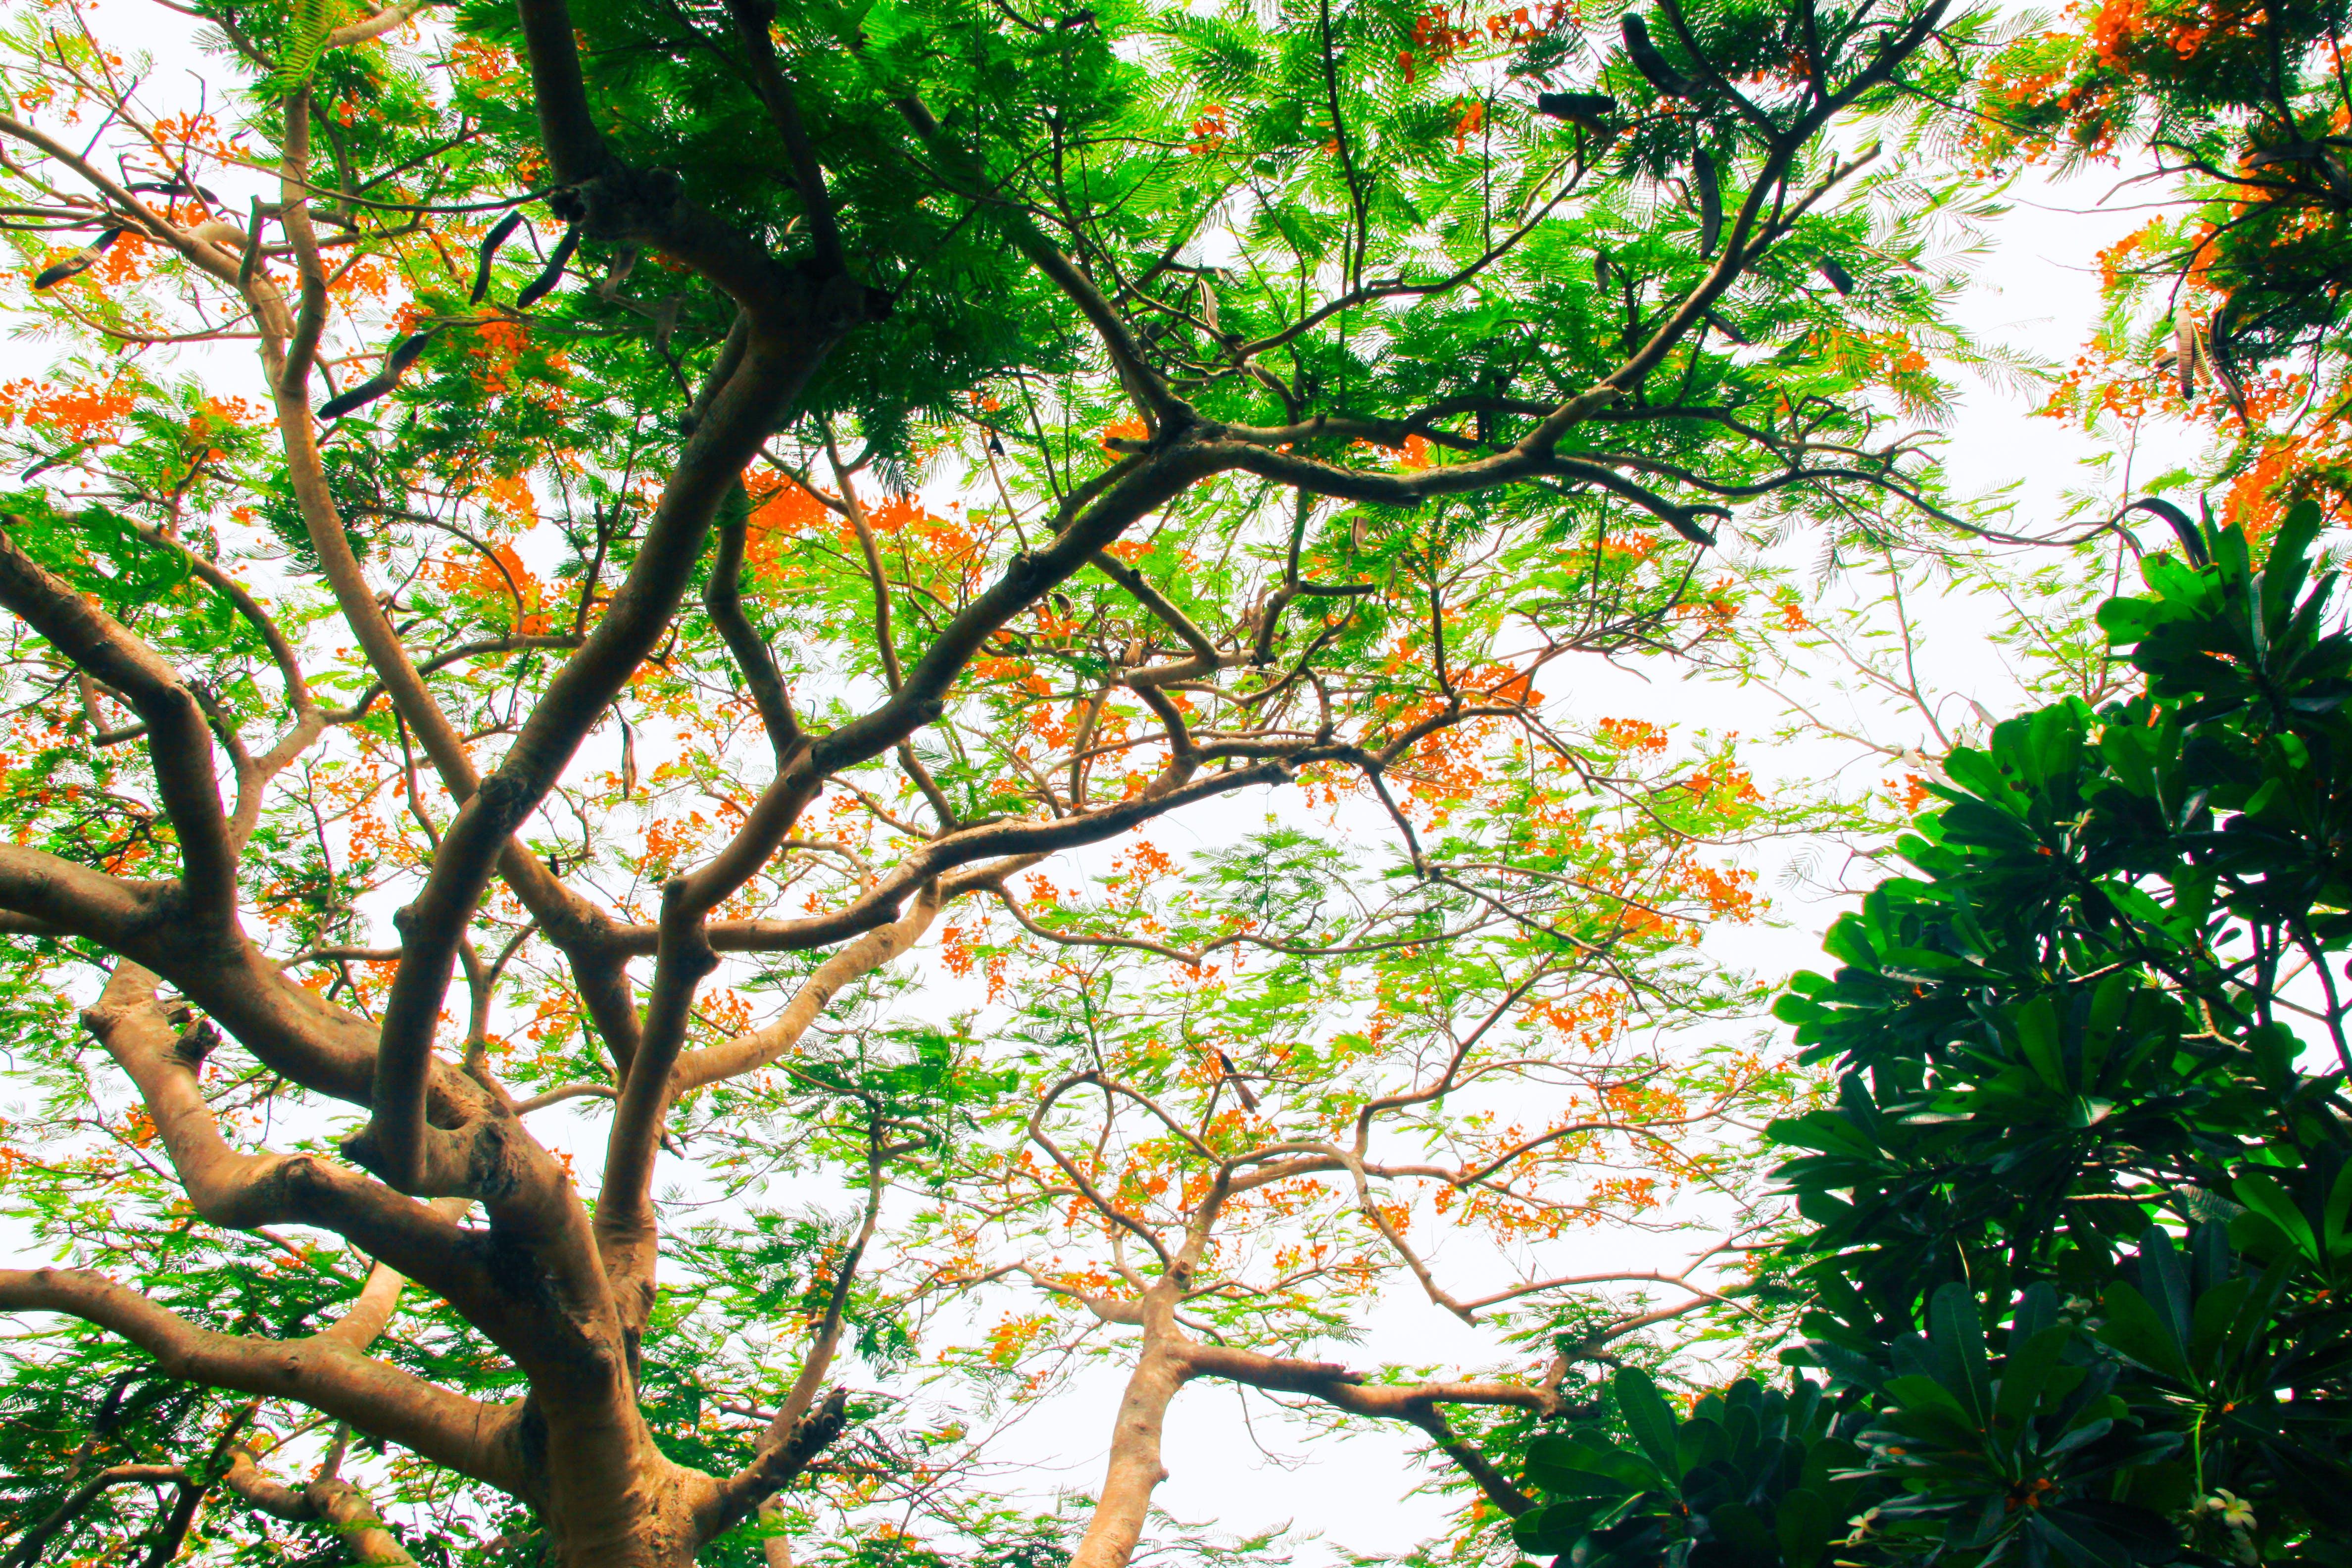 Immagine gratuita di alberi, ambiente, bellissimo, cielo